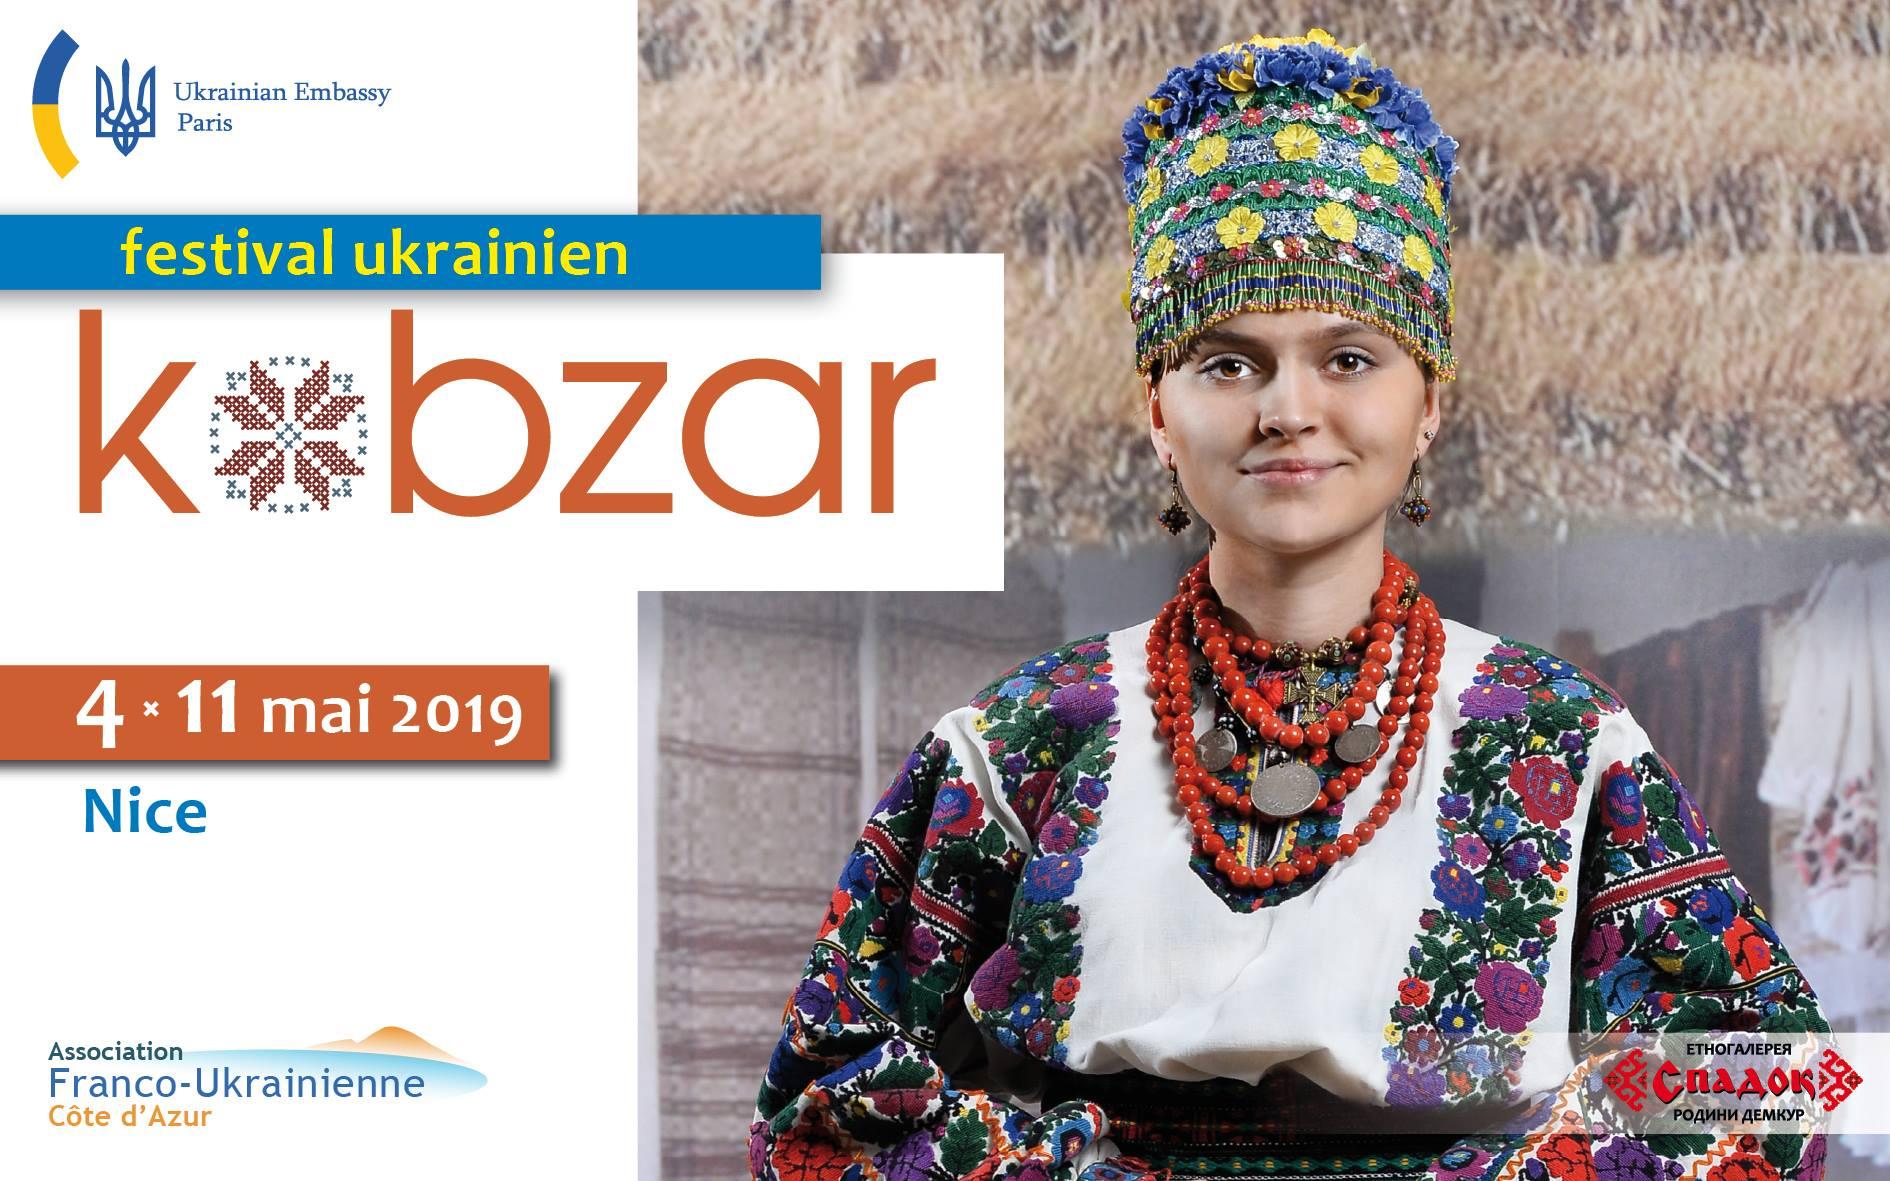 Фестиваль української культури «Кобзар» відбудеться в Ніцці